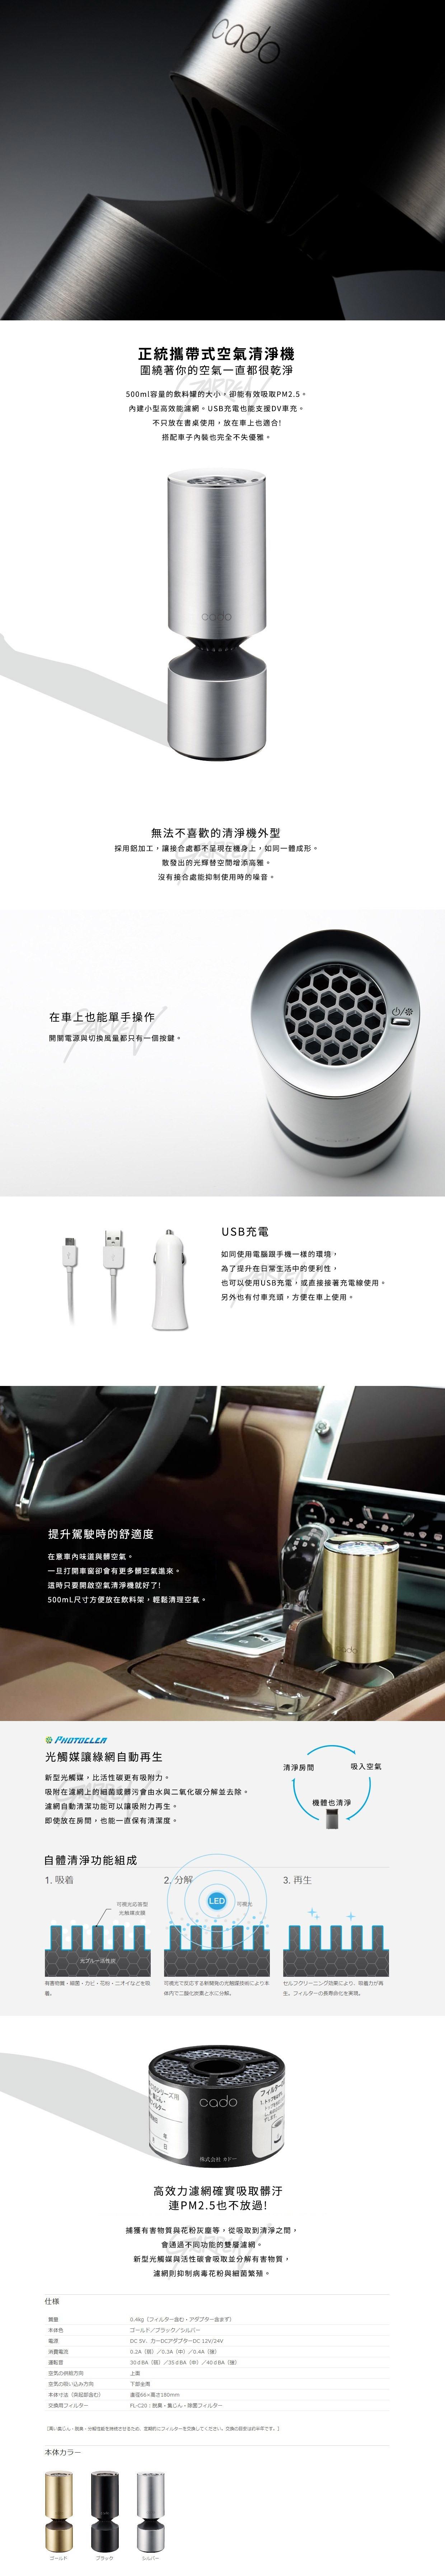 【推薦實用居家用品特價】嘉頓國際 CADO【MP-C20U】空氣清淨機 車用 光觸煤 USB 車充 HEPA PM2.5 IG-HC15